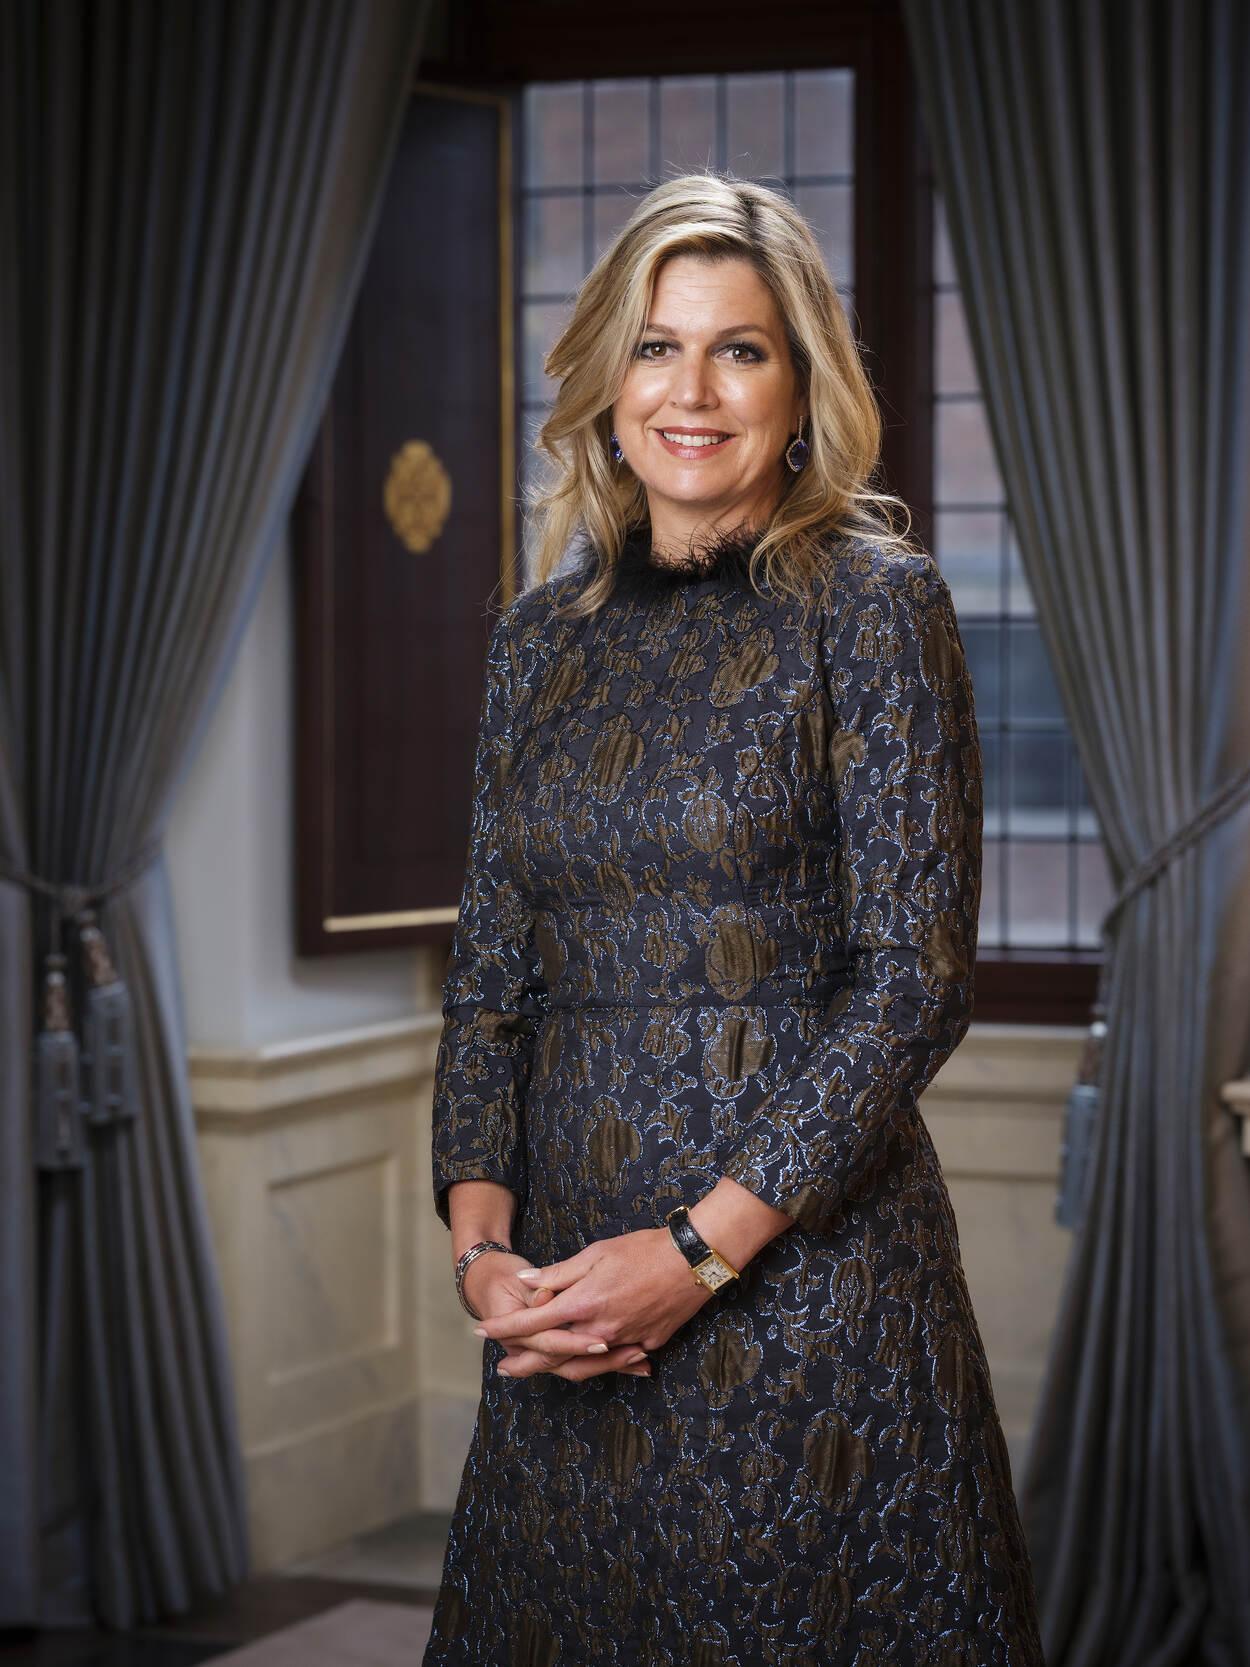 Queen Máxima is the UN Secretary General's Special Advocate for Inclusive Finance for Development (UNSGSA)